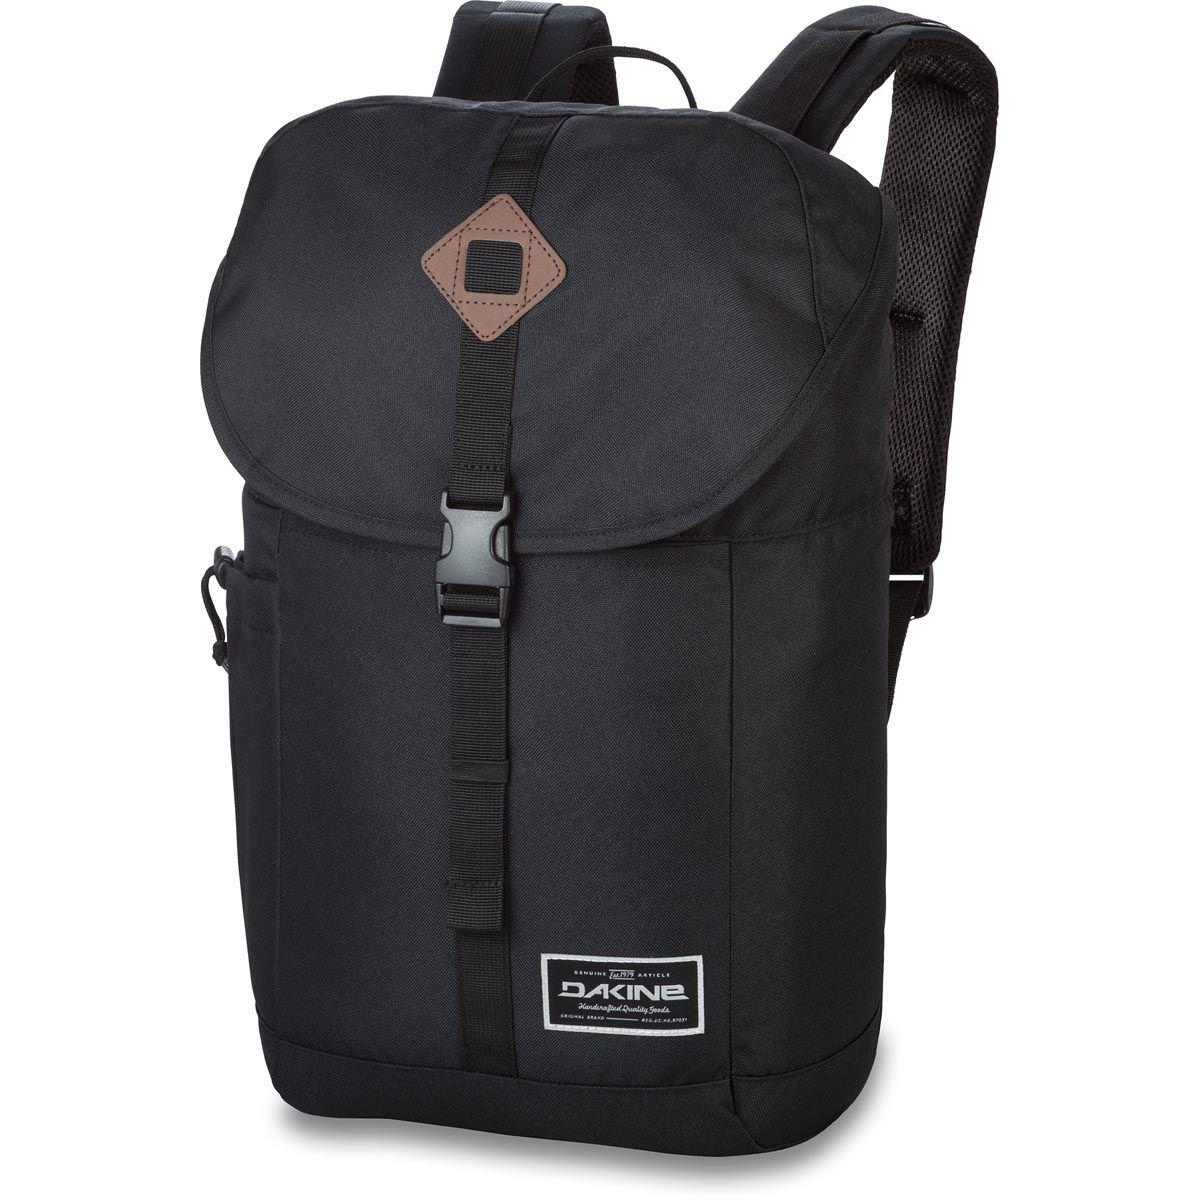 Dakine Range 24L Rucksack mit iPadLaptop Fach Black